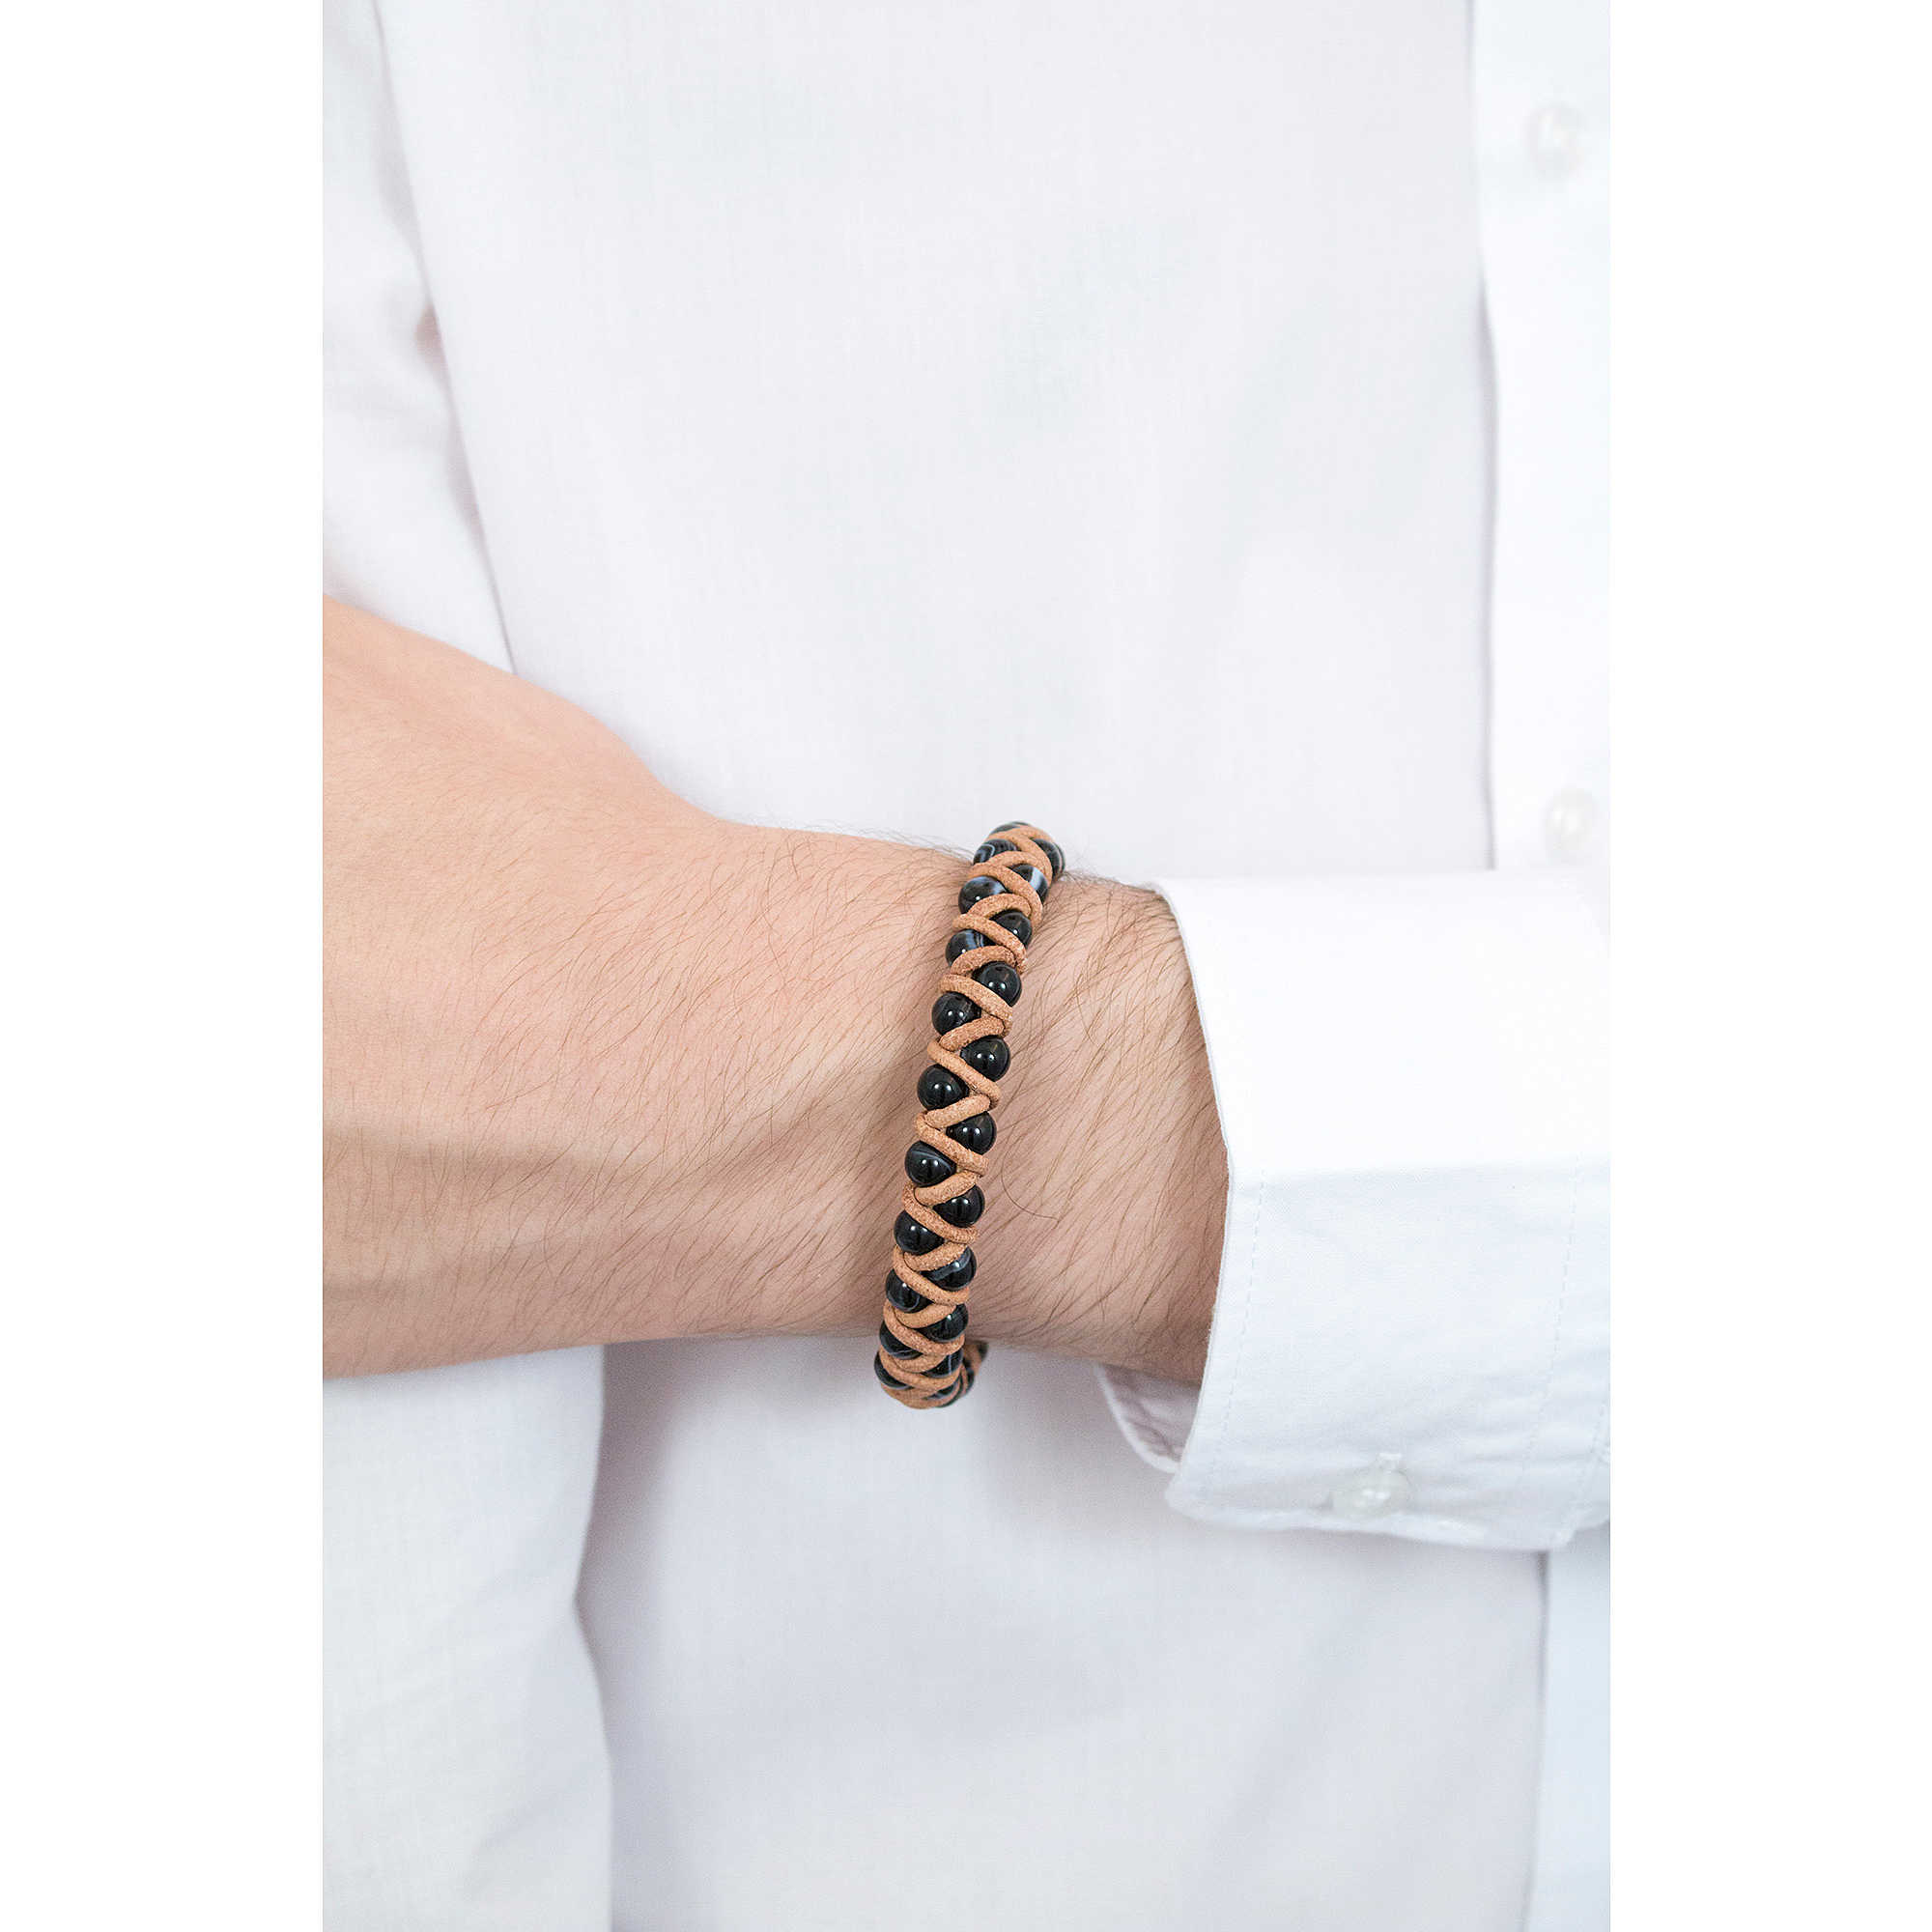 zoom. package bracelets Diesel DX1111001. zoom. bracelet man jewellery  Diesel Stackables DX1111001. zoom bf685ca81dd0